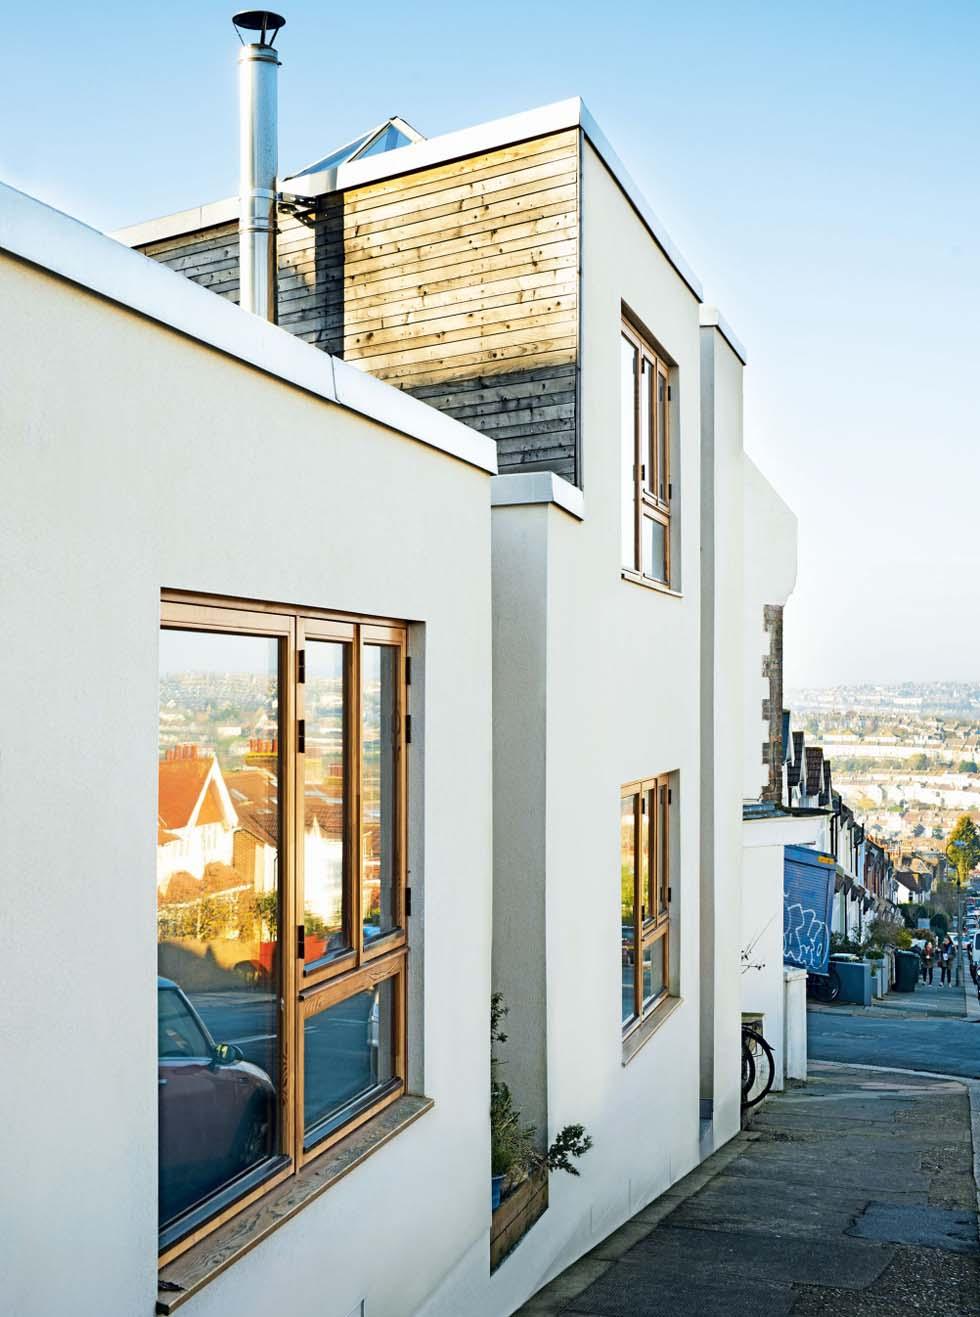 Homebuilding Renovating: Brighton Self Build For £90k